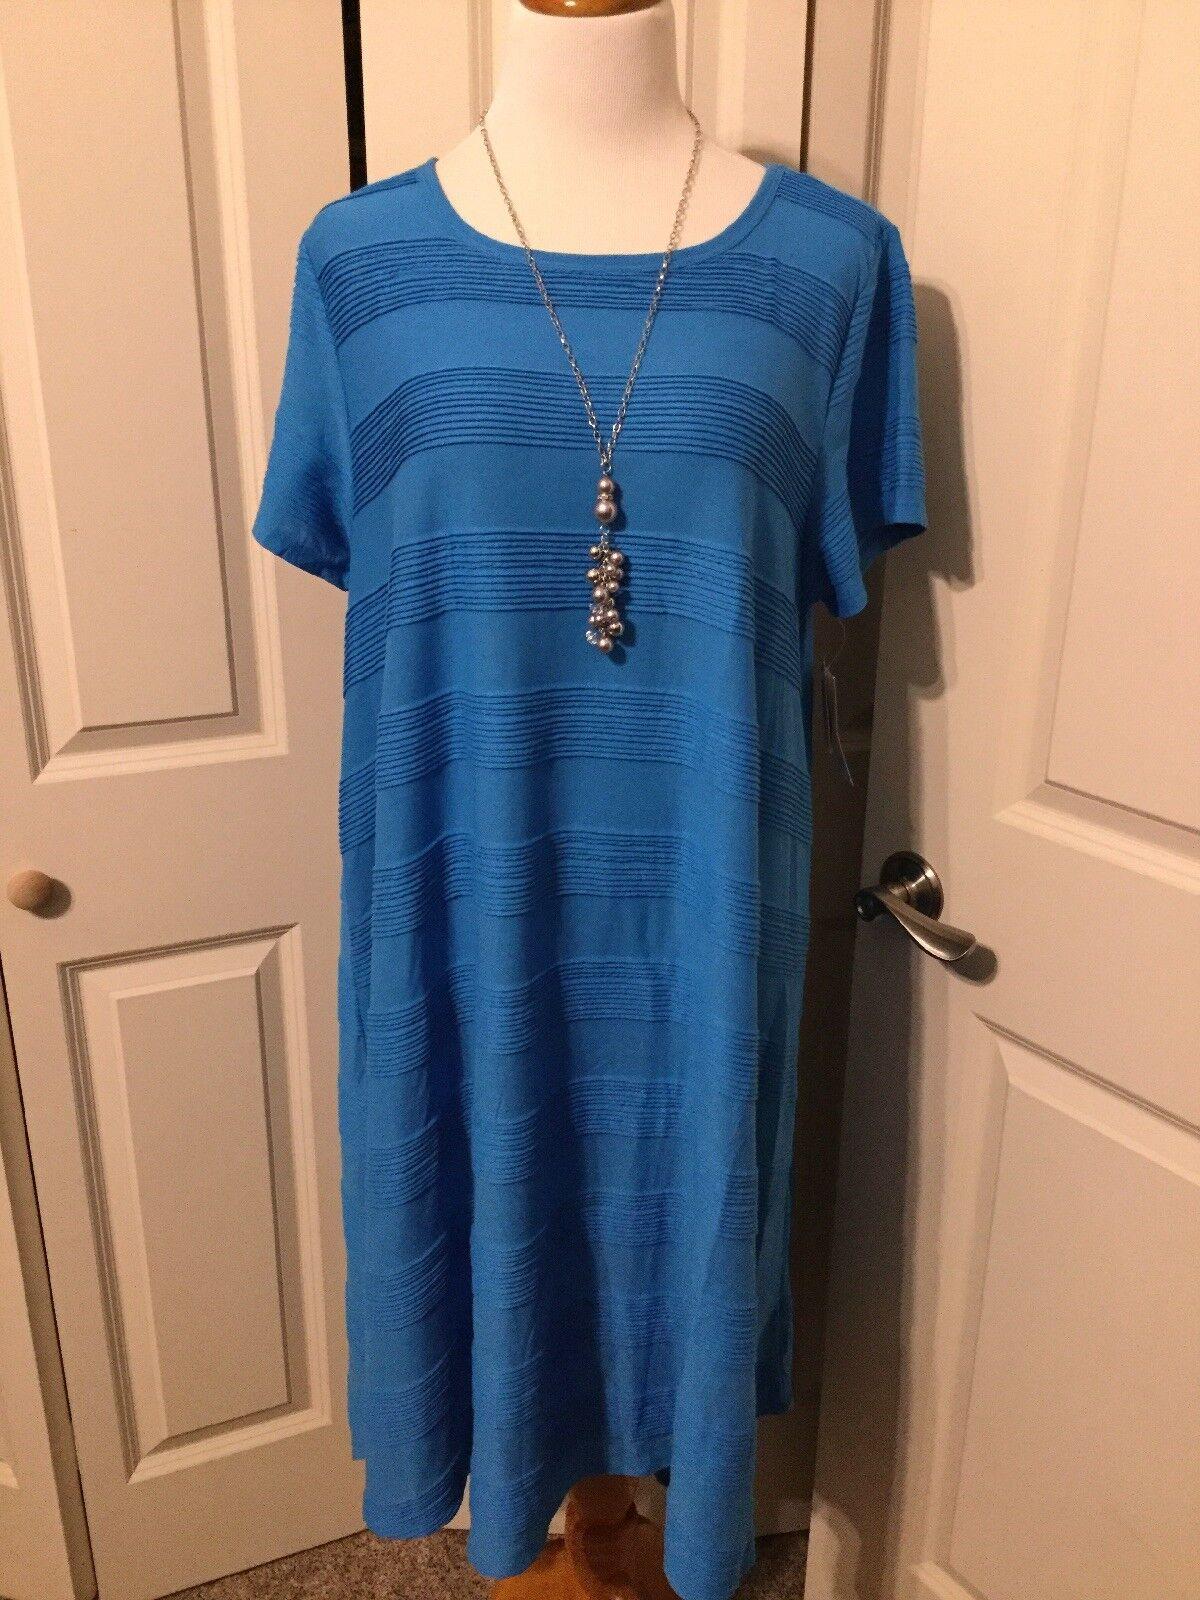 NWT Lularoe Solid Blau Ribbed Pin Tuck Carly Dress Größe 3XL